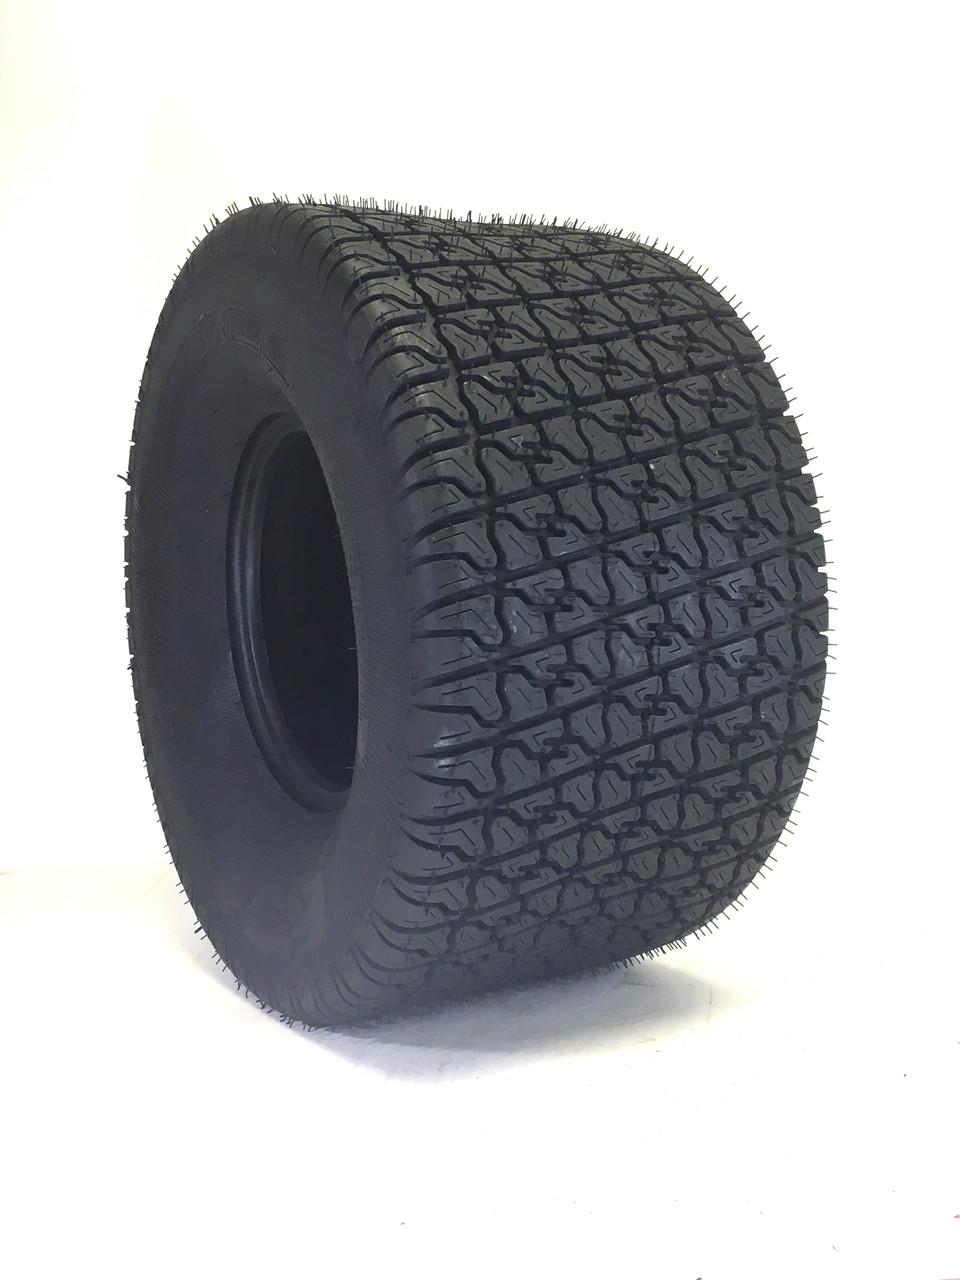 New Tire 24 12.00 12 Zero Turn Turf Mower 4 ply 24x12-12 24x12.00-12